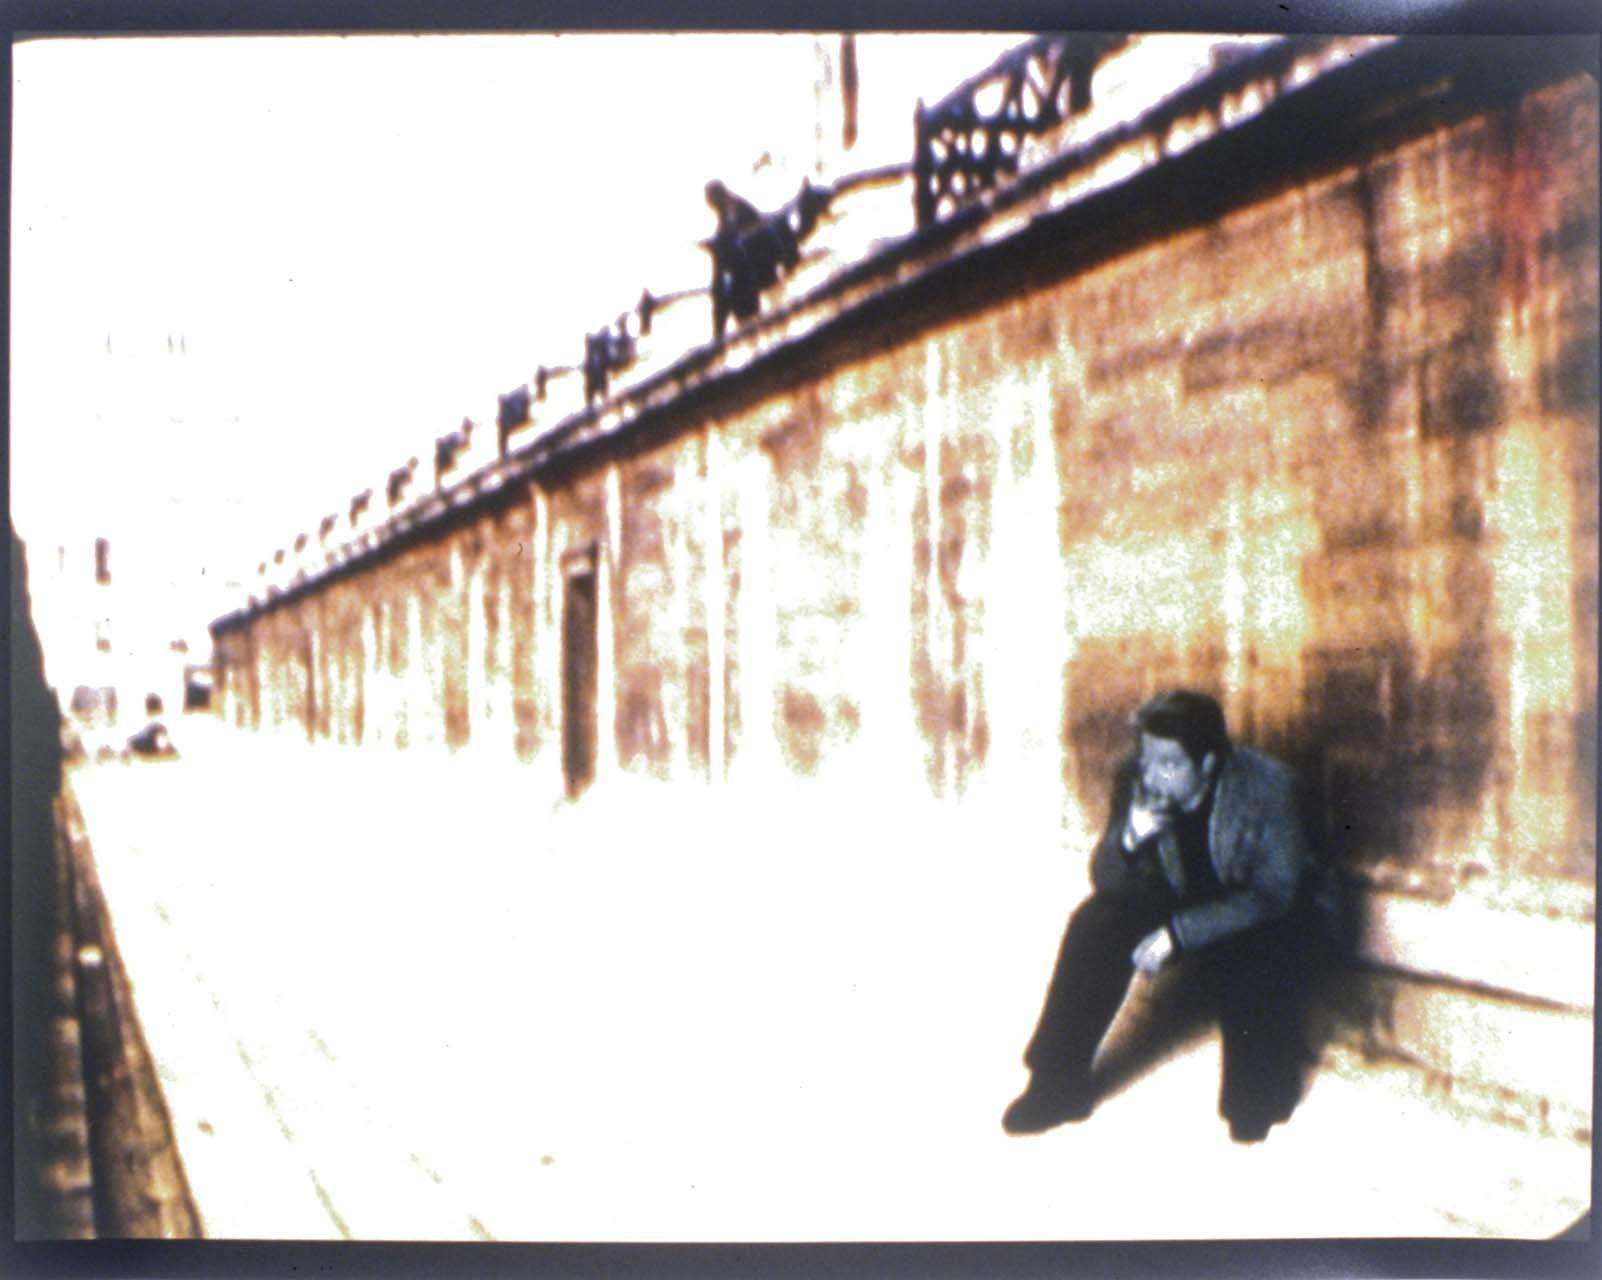 """<div class=""""artwork_caption""""><p>Das Begräbnis der Marlene Dietrich #3, 1999</p></div>"""